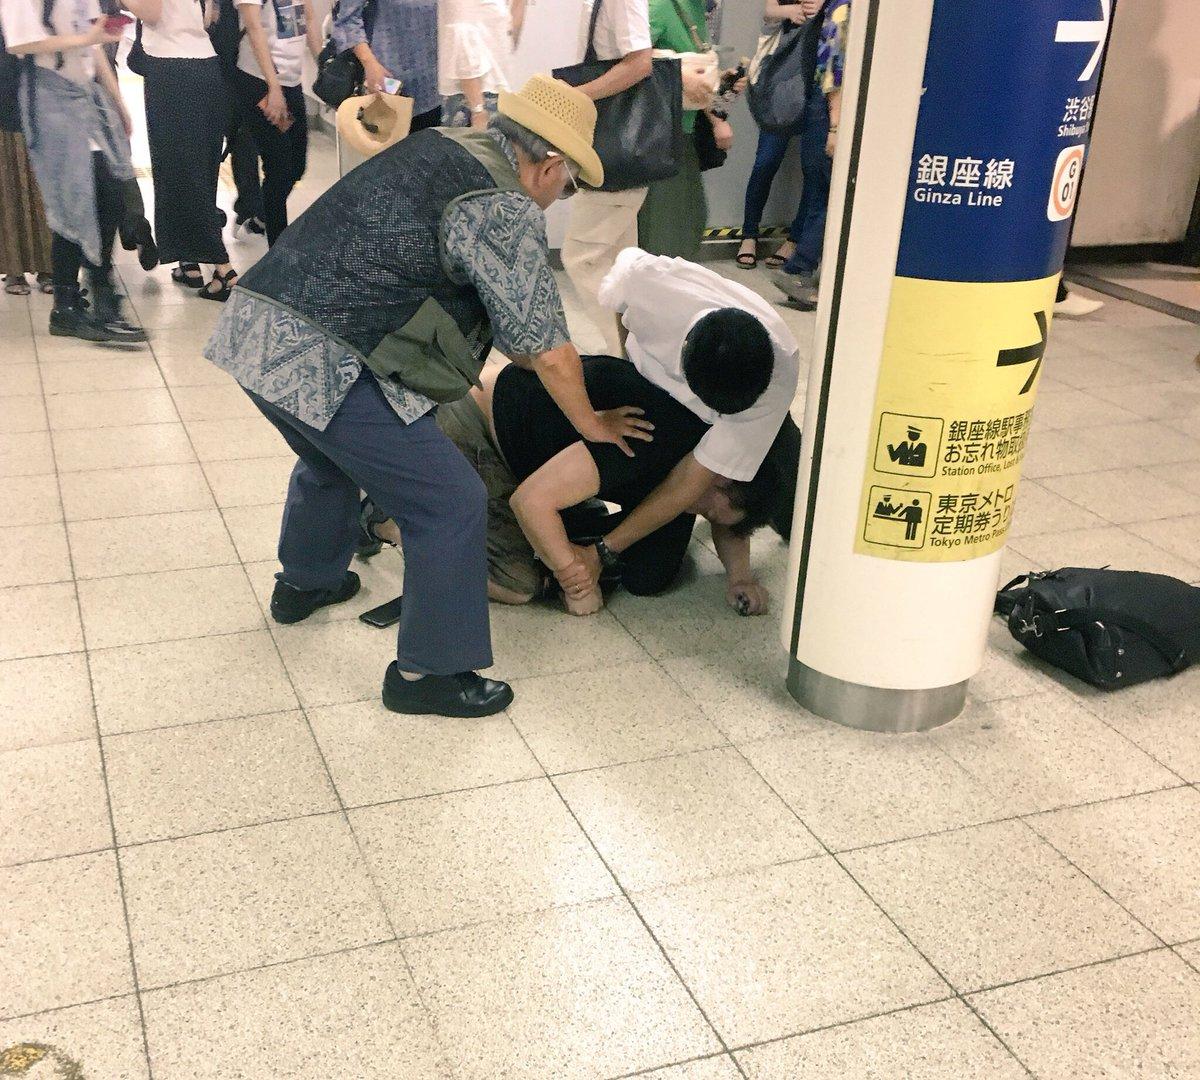 渋谷駅でスリ事件が起き犯人が現行犯逮捕されている現場の画像